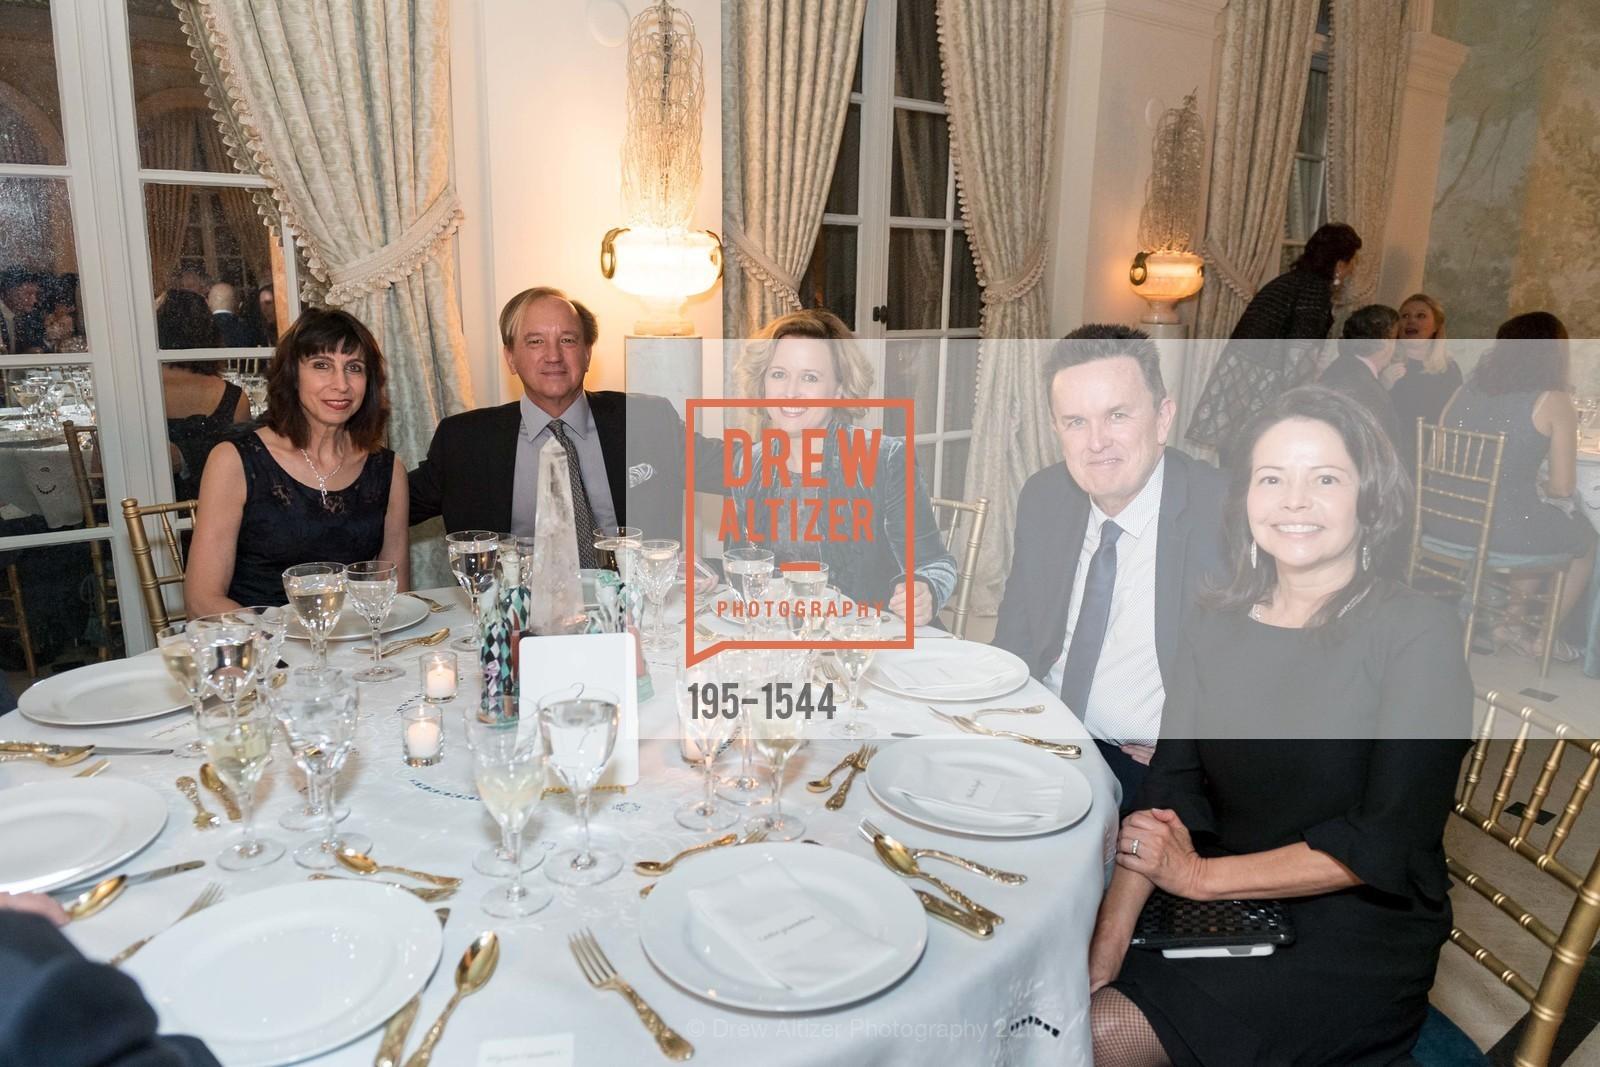 Jasmine Madatian, Peter Boyd, Monica Barrows, Mike Regan, Sheila Boyd, Photo #195-1544